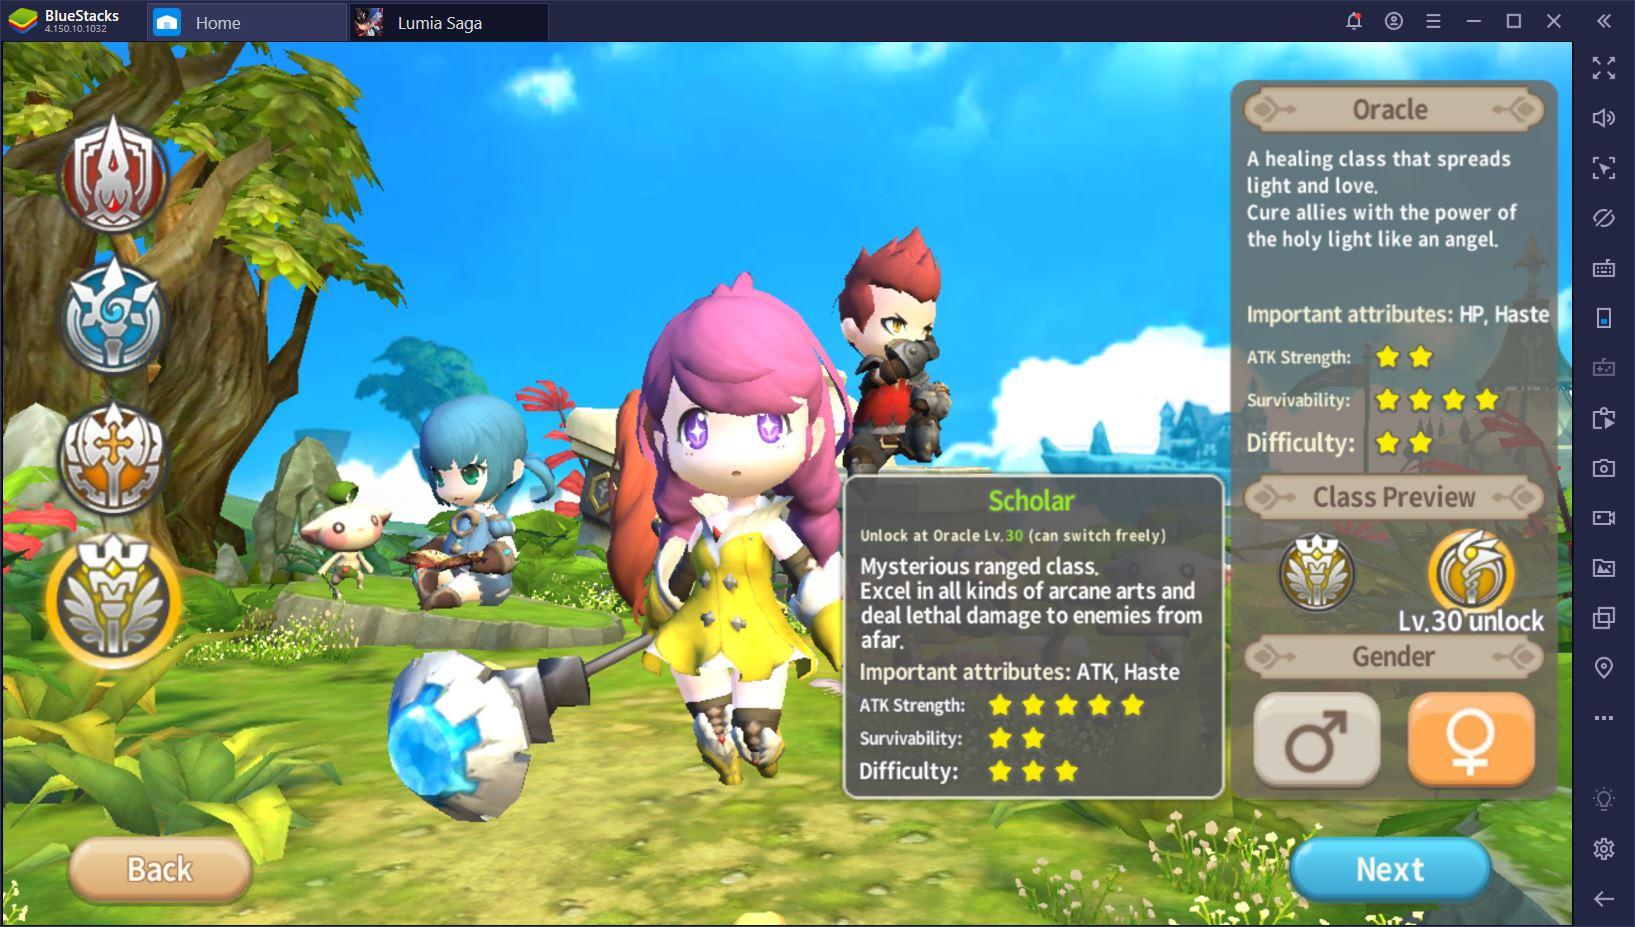 Lumia Saga : Le guide complet sur les classes et le développement des personnages